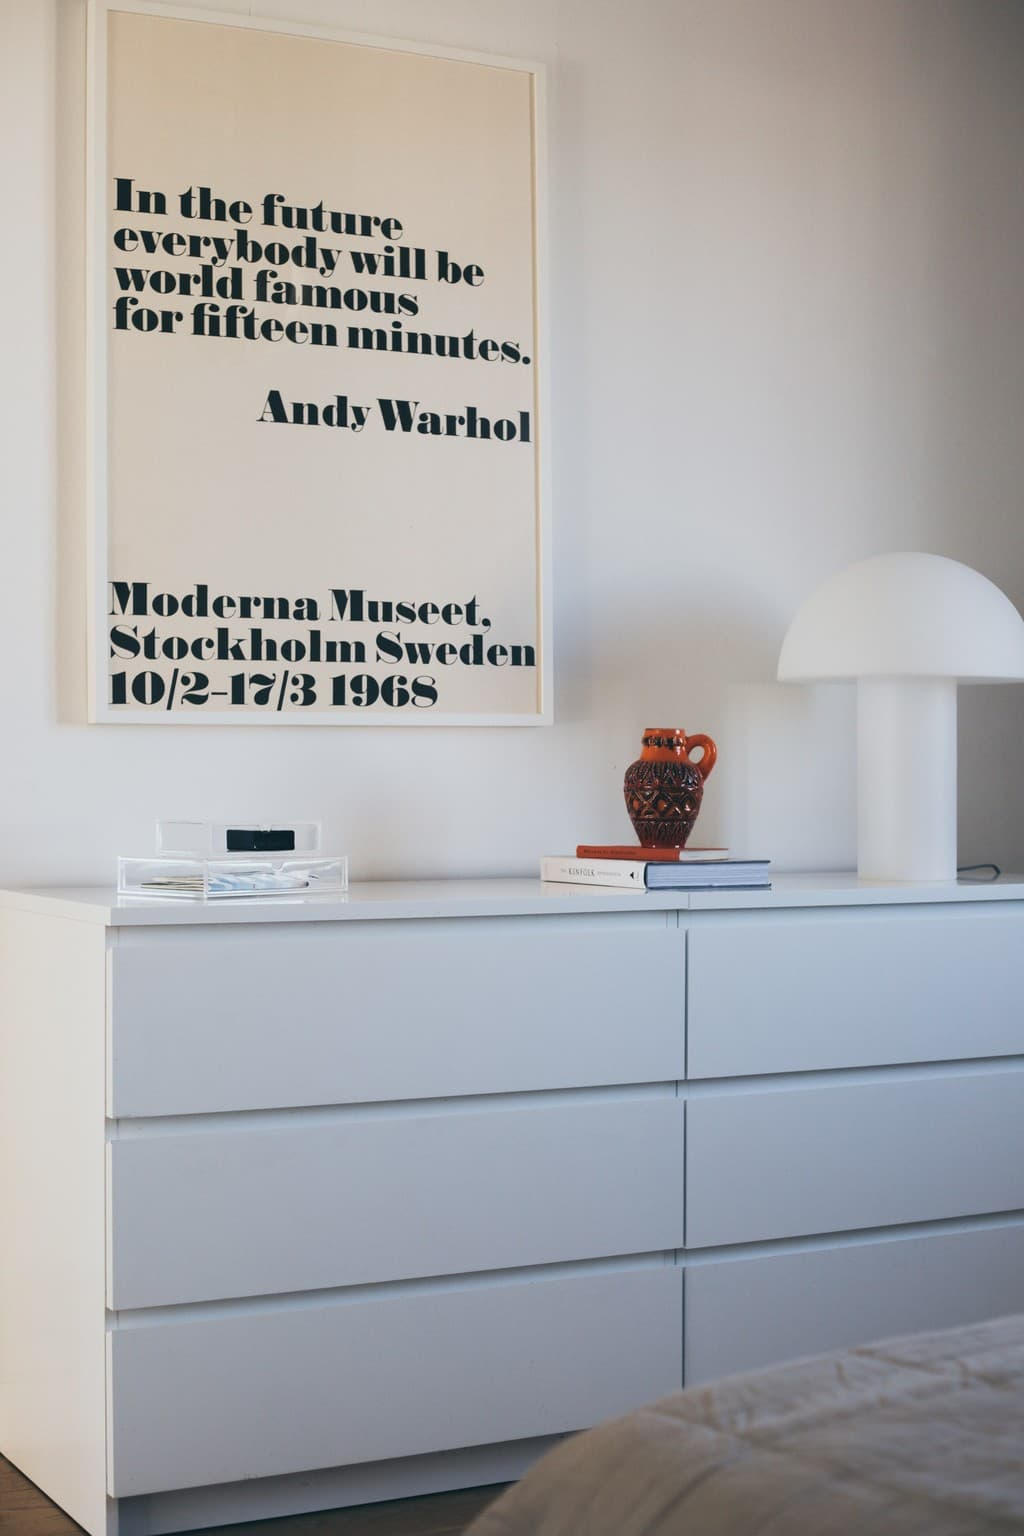 vita byråer med böcker, lampa och tavla ovanför